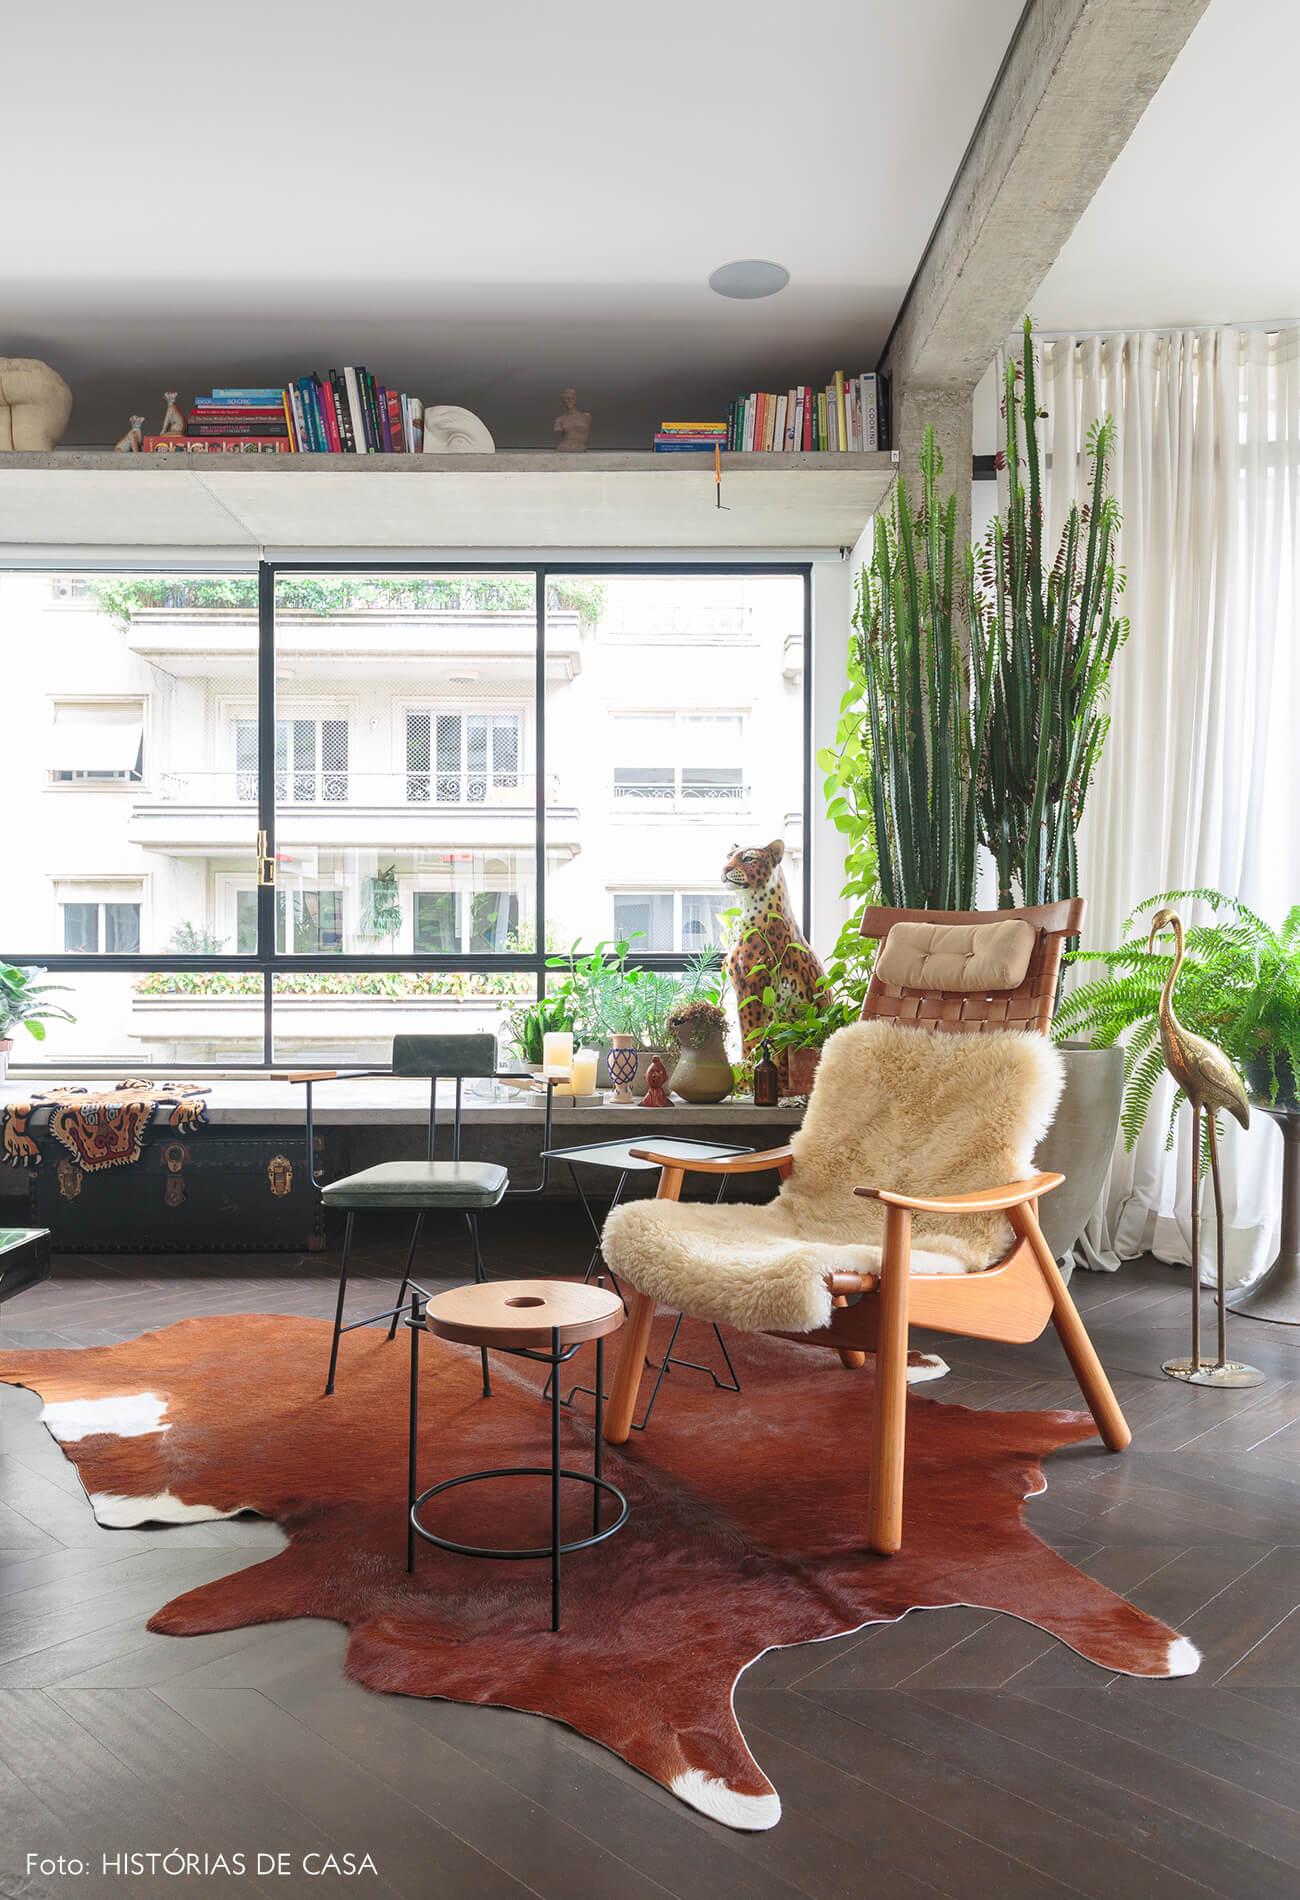 decoração ap sala com poltrona de madeira, plnatas em banco de concreto